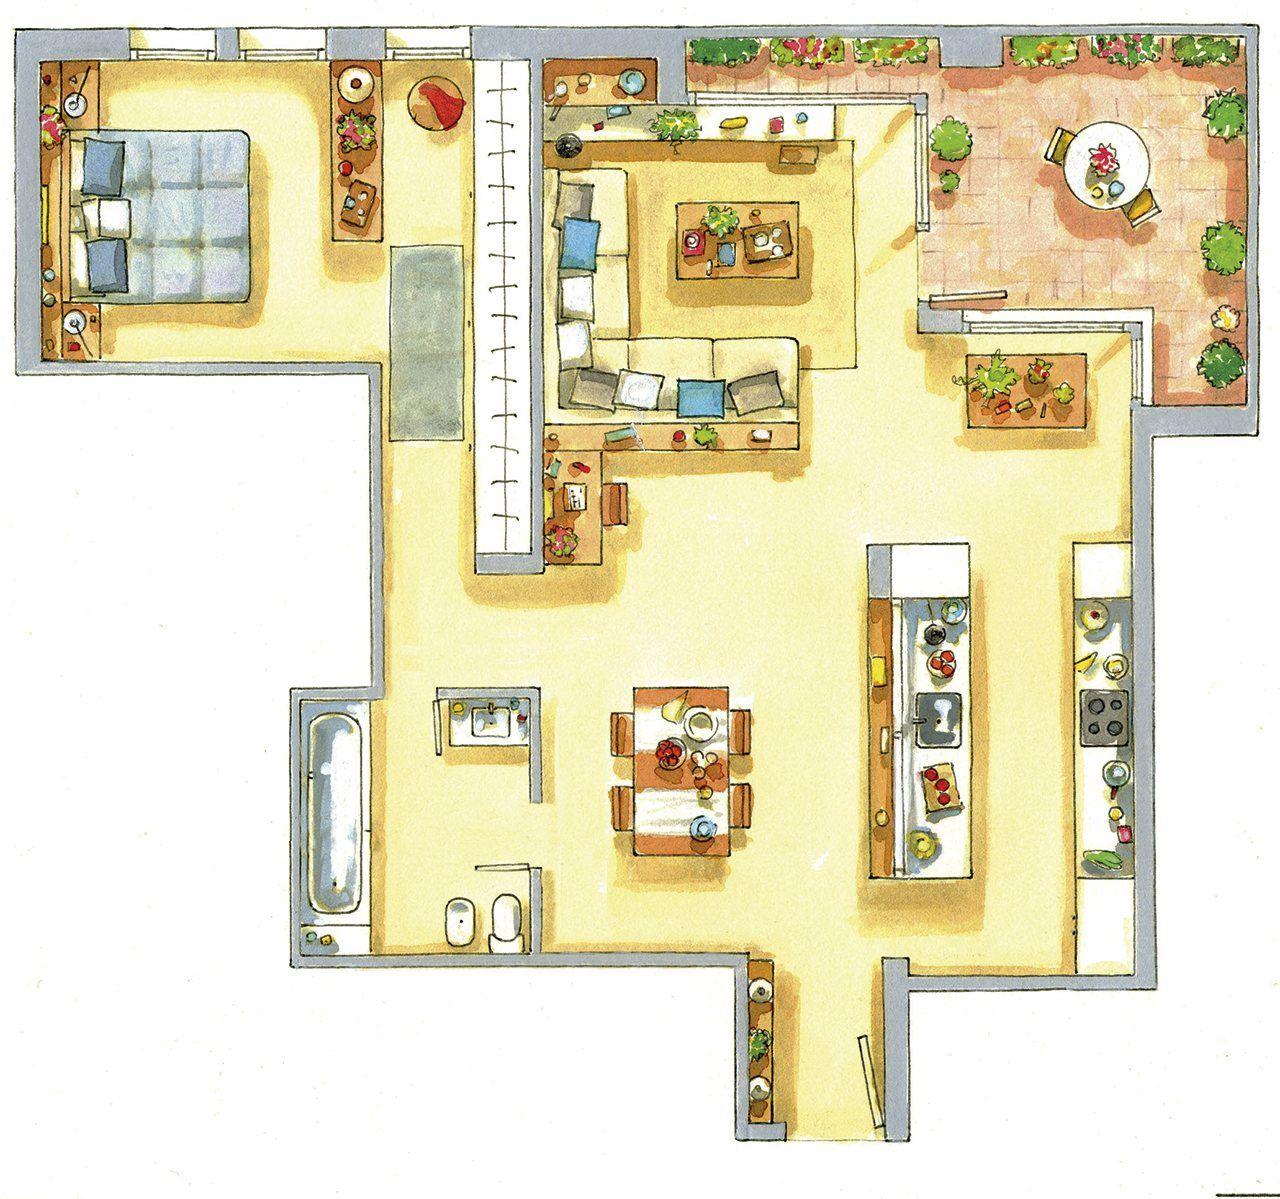 Un piso peque o con ideas ingeniosas de almacenaje for Casas para almacenaje